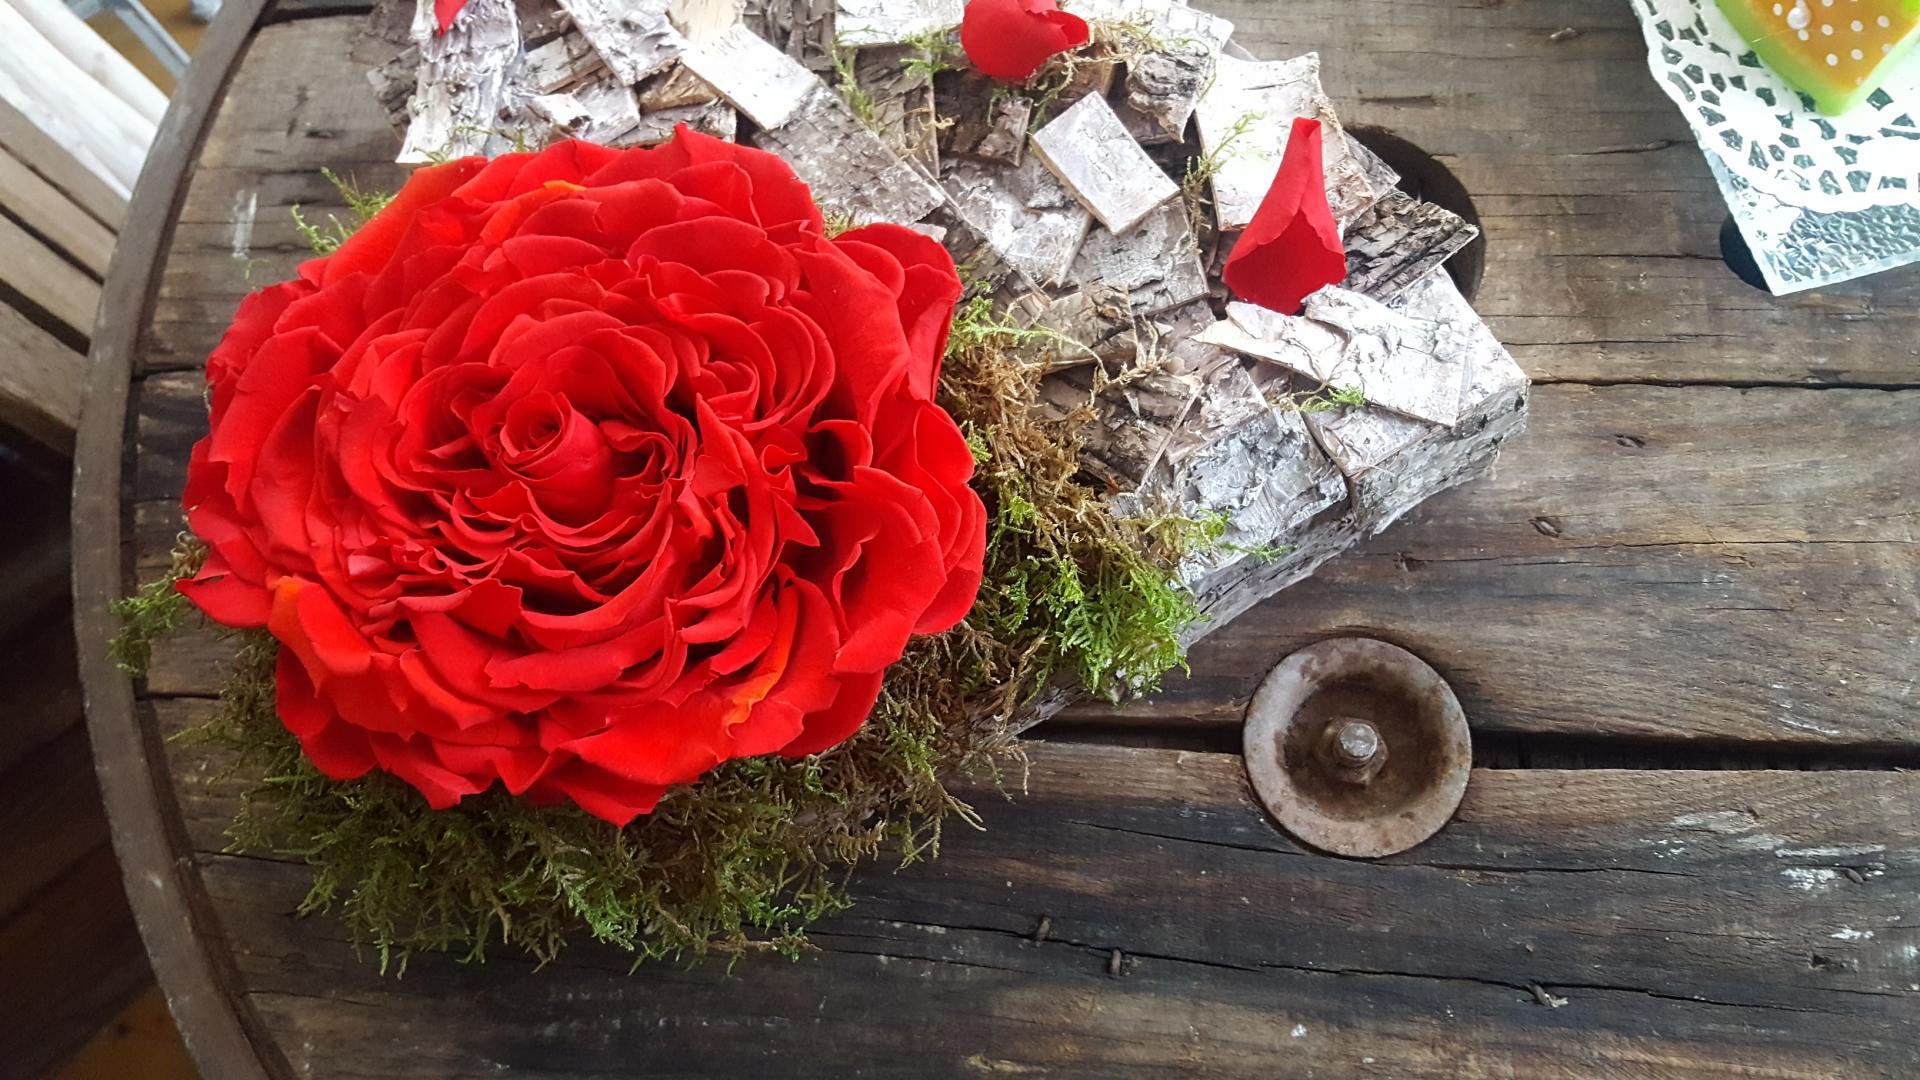 Fête des mères Coeur rose eternelle glamelia  Hé fleur et moi fleuriste valenciennes fleurs Denain Saint Amand Le Quesnoy